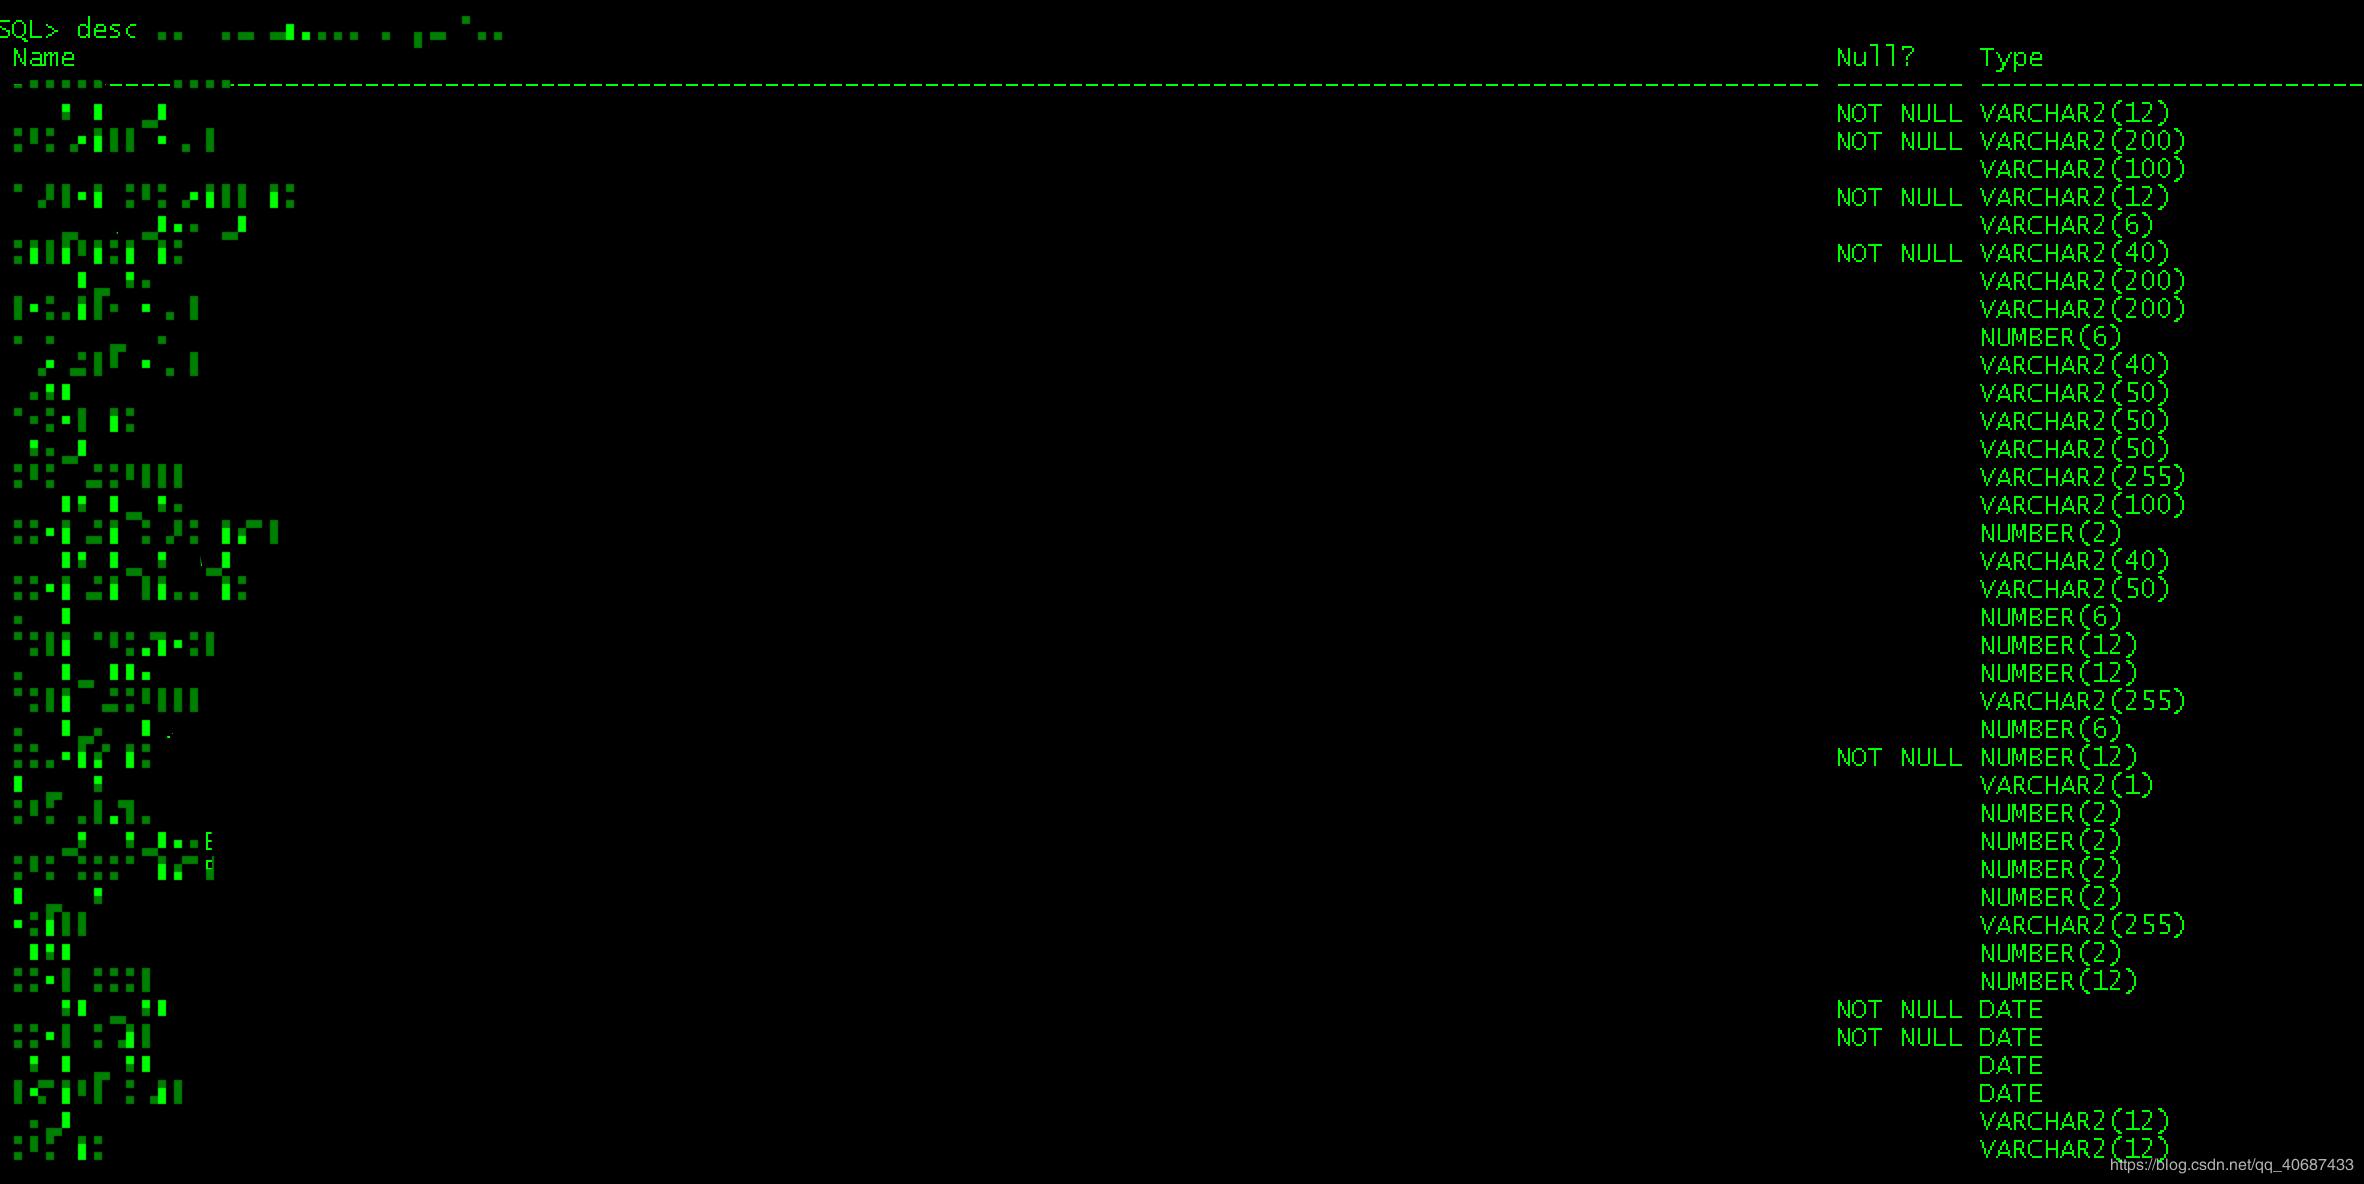 expdp:ORA-31693 ORA-29913 ORA-29275 - Programmer Sought